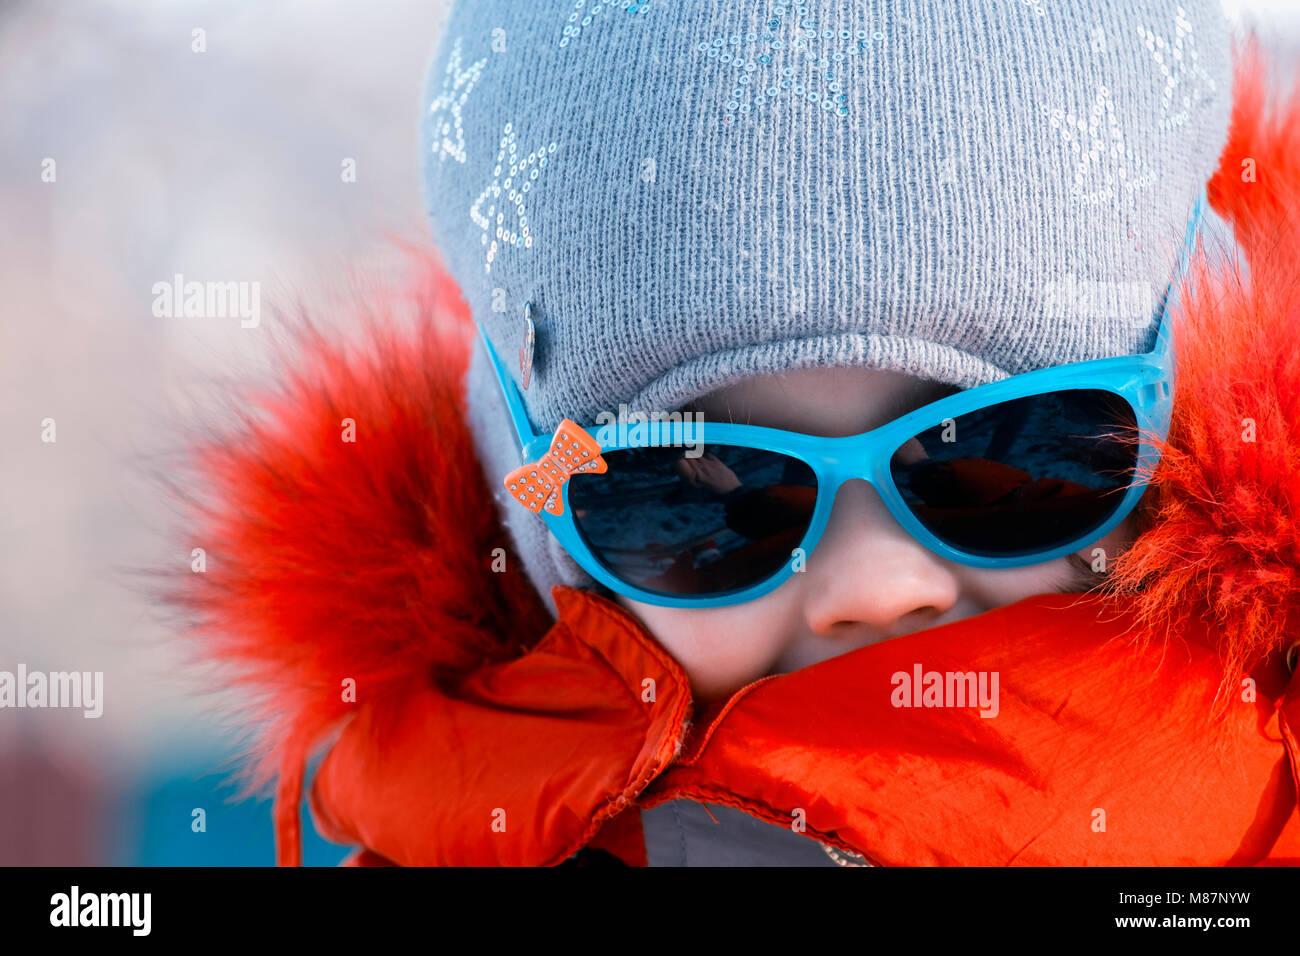 Ritratto di una ragazzina in occhiali da sole in inverno Immagini Stock